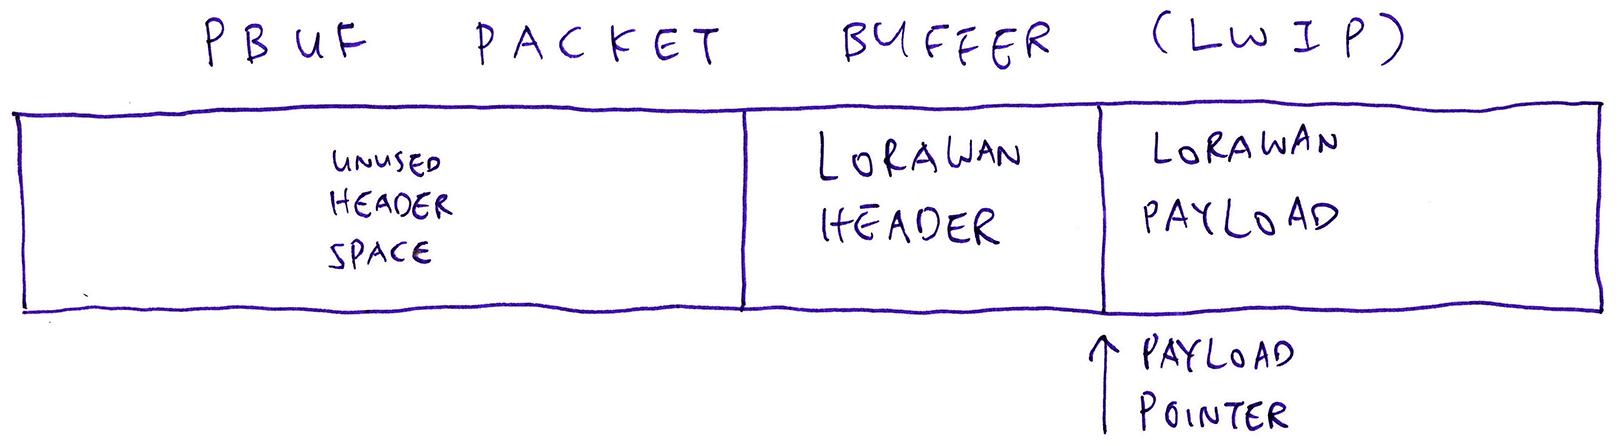 pbuf Packet Buffer